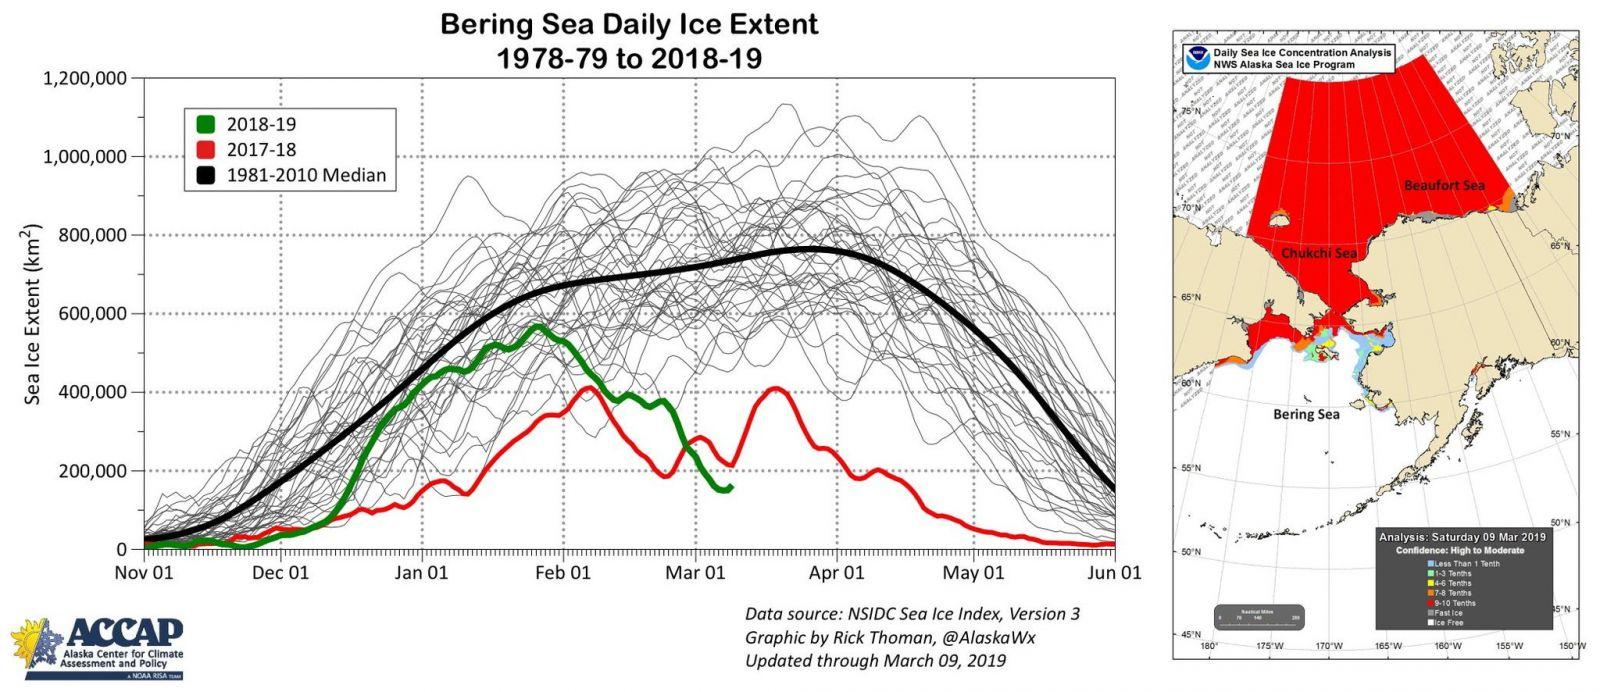 Image d'illustration pour Banquise Arctique et Antarctique : atteinte des seuils annuels